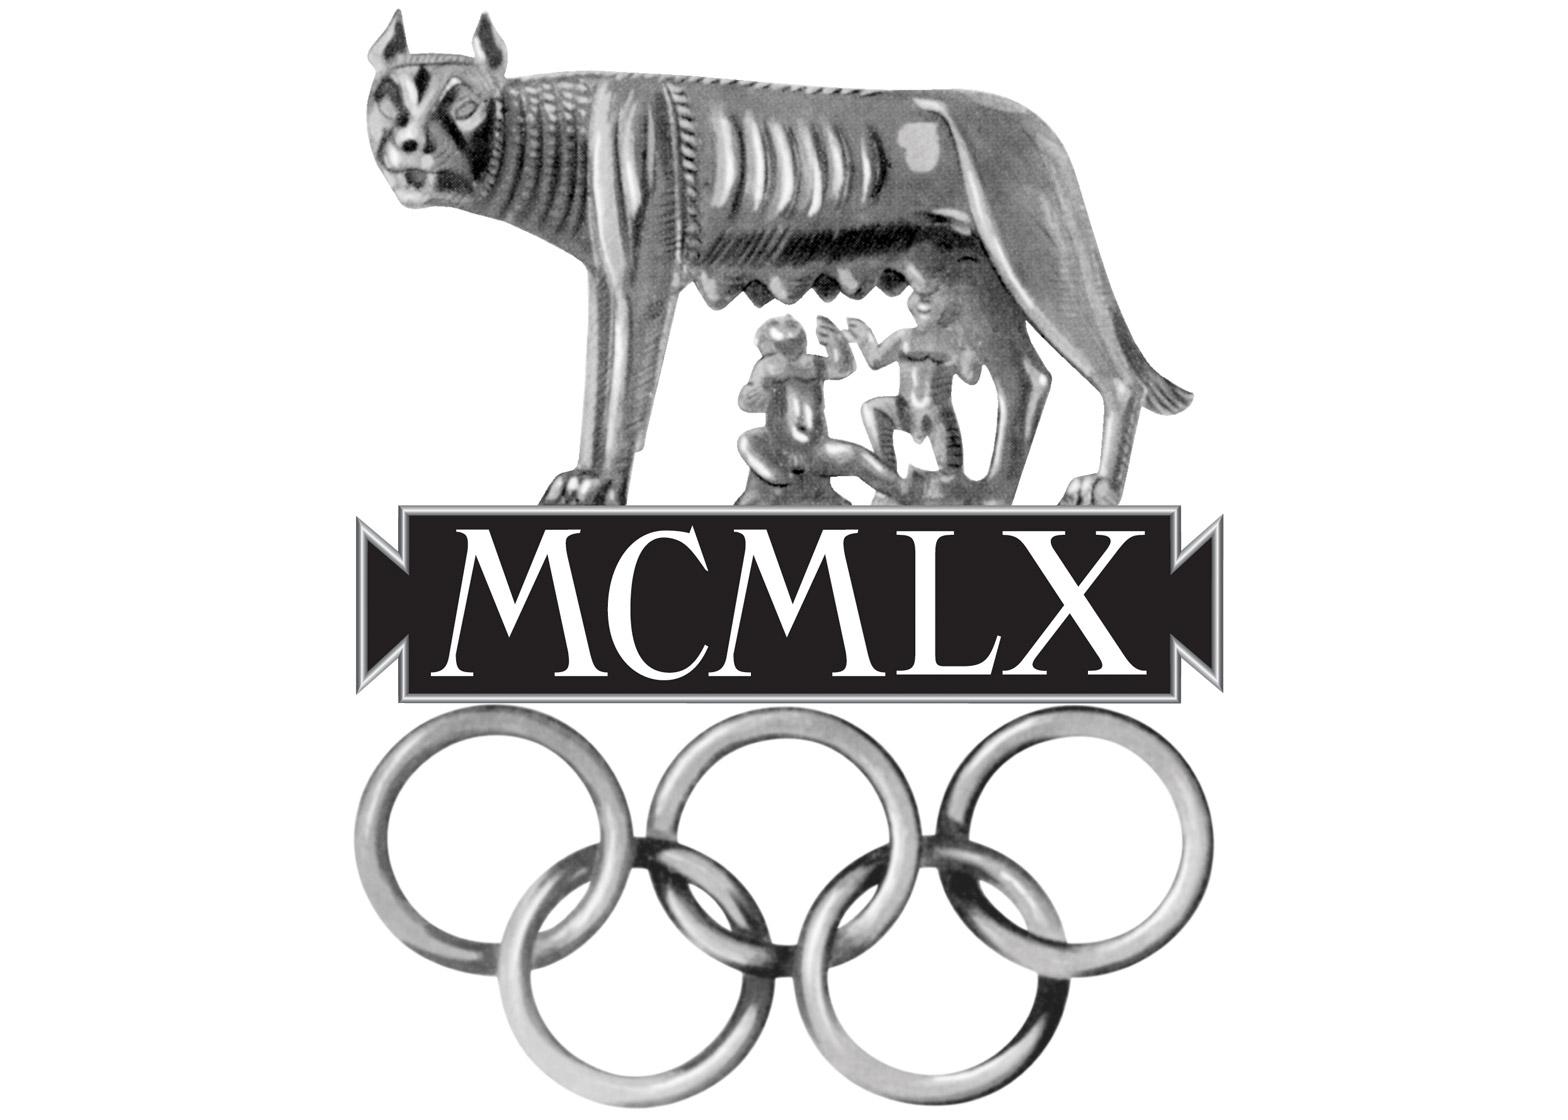 Logo of the 1960 Rome Olympics